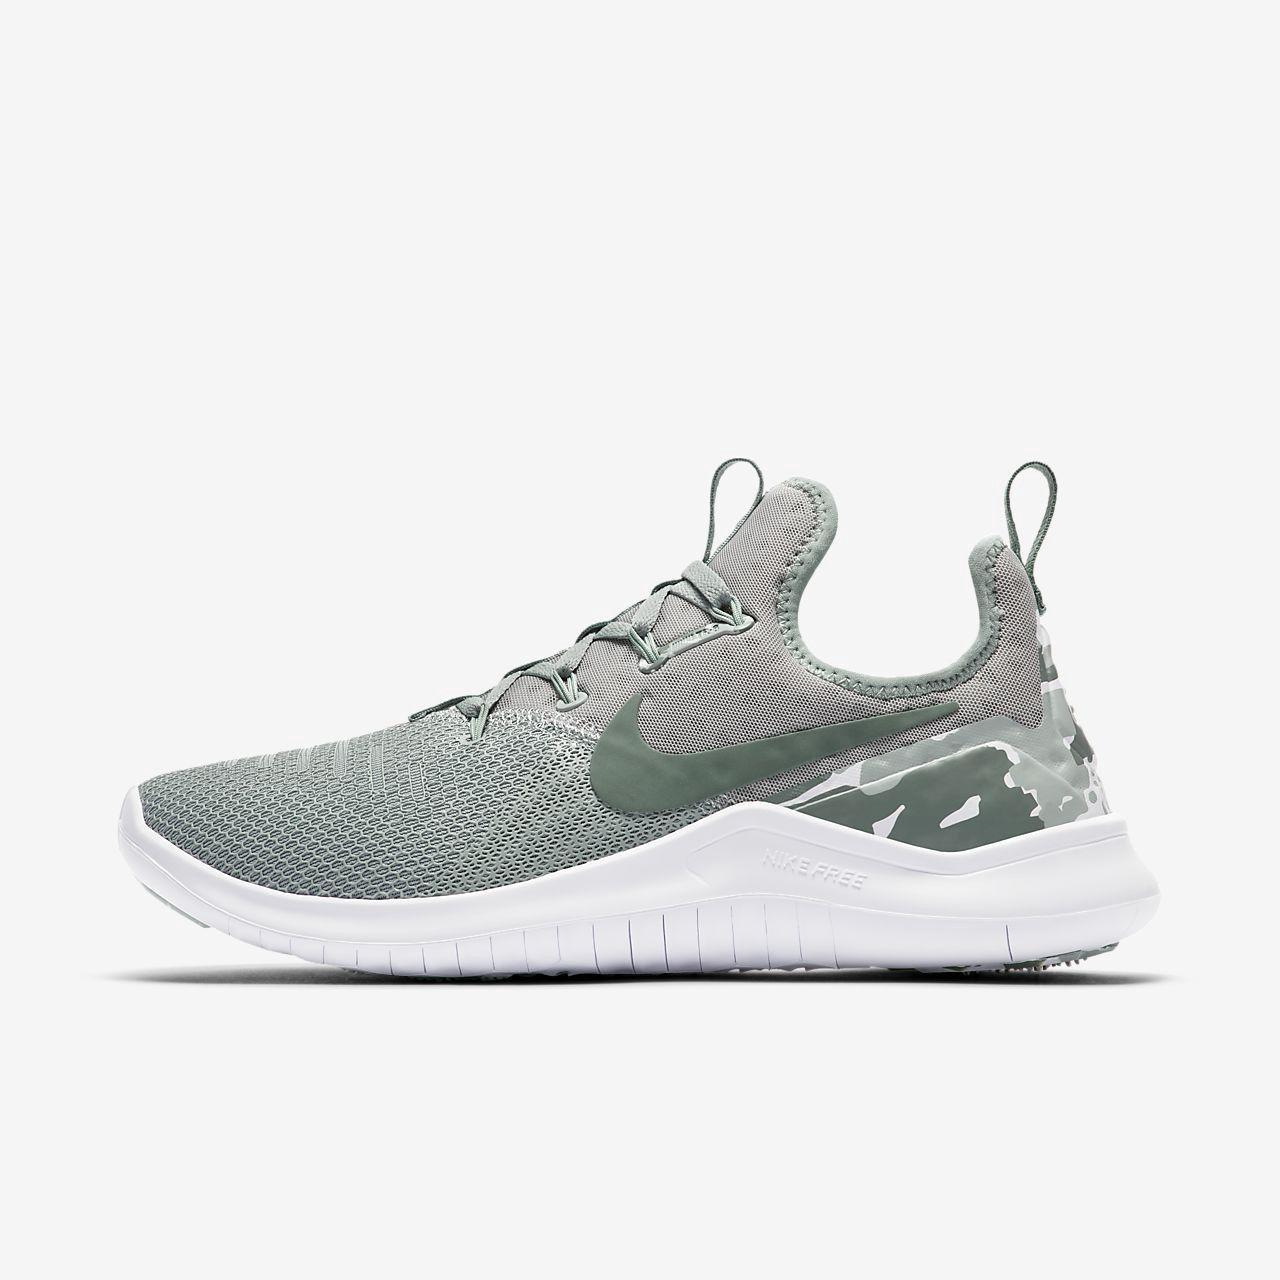 8649d83825a9 ... shopping nike free tr 8 womens training shoe 7.5 green 9665d 63bd0